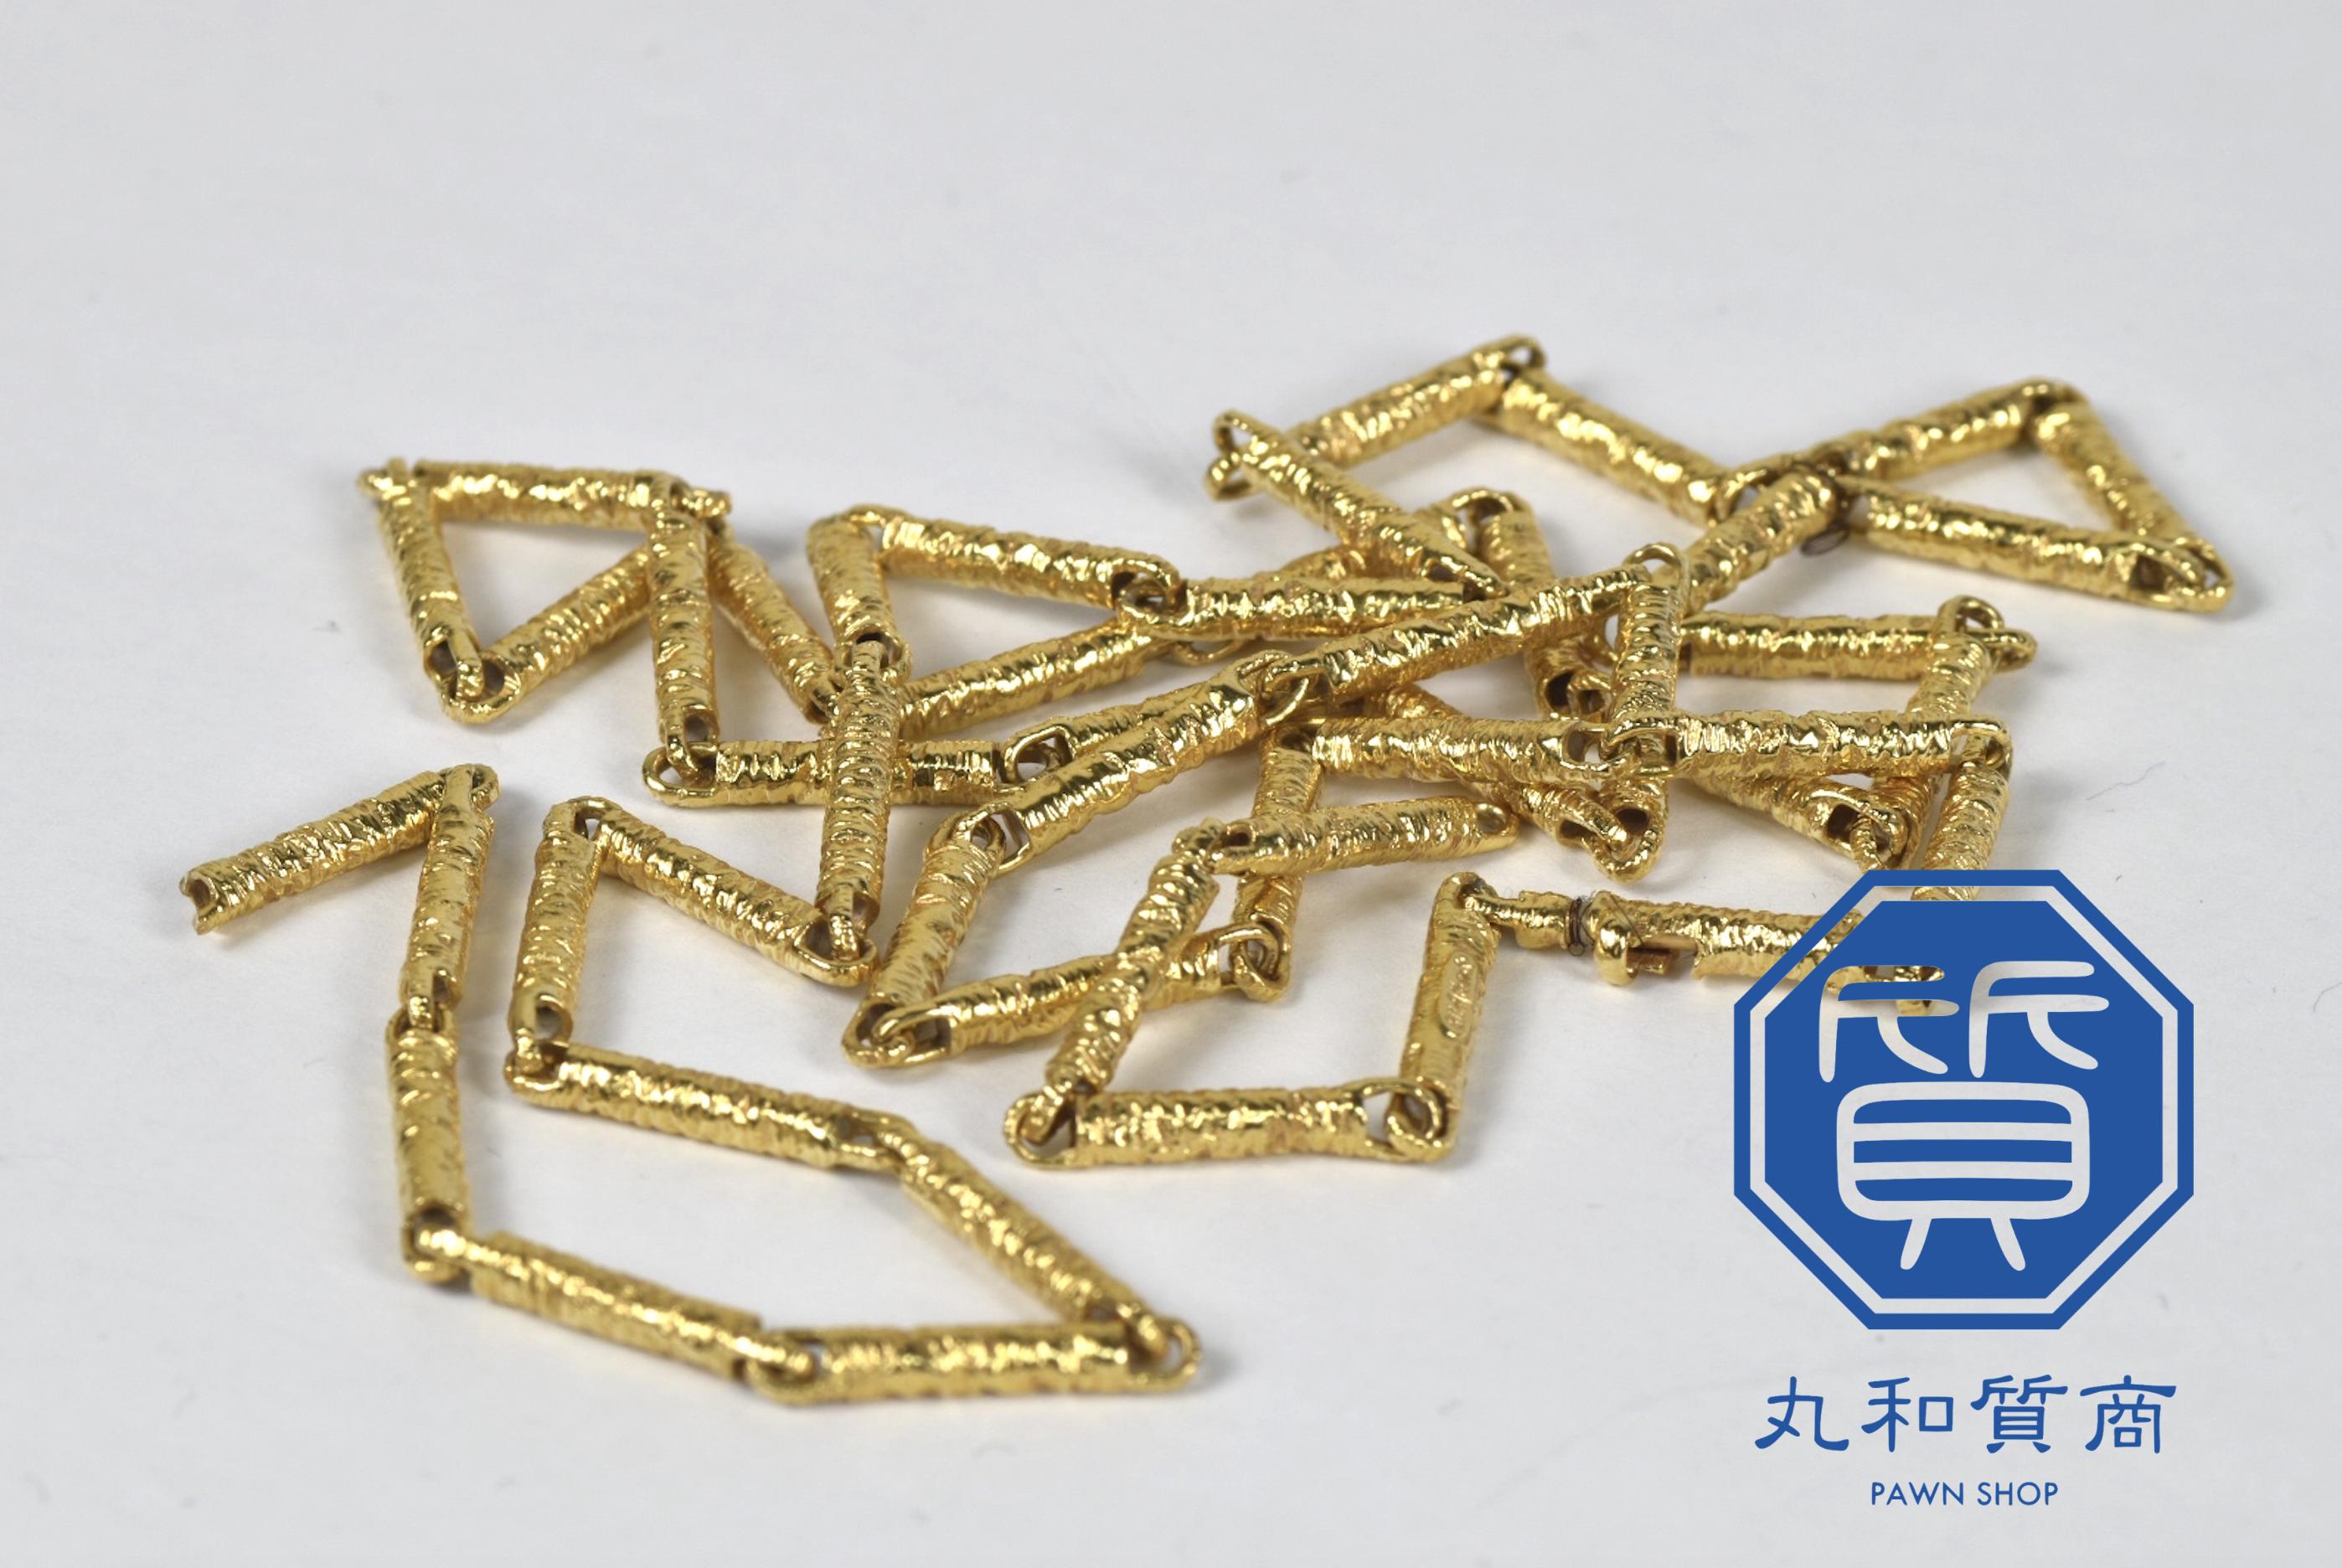 24金 K24 純金のネックレスをお買取!買取価格の相場は?